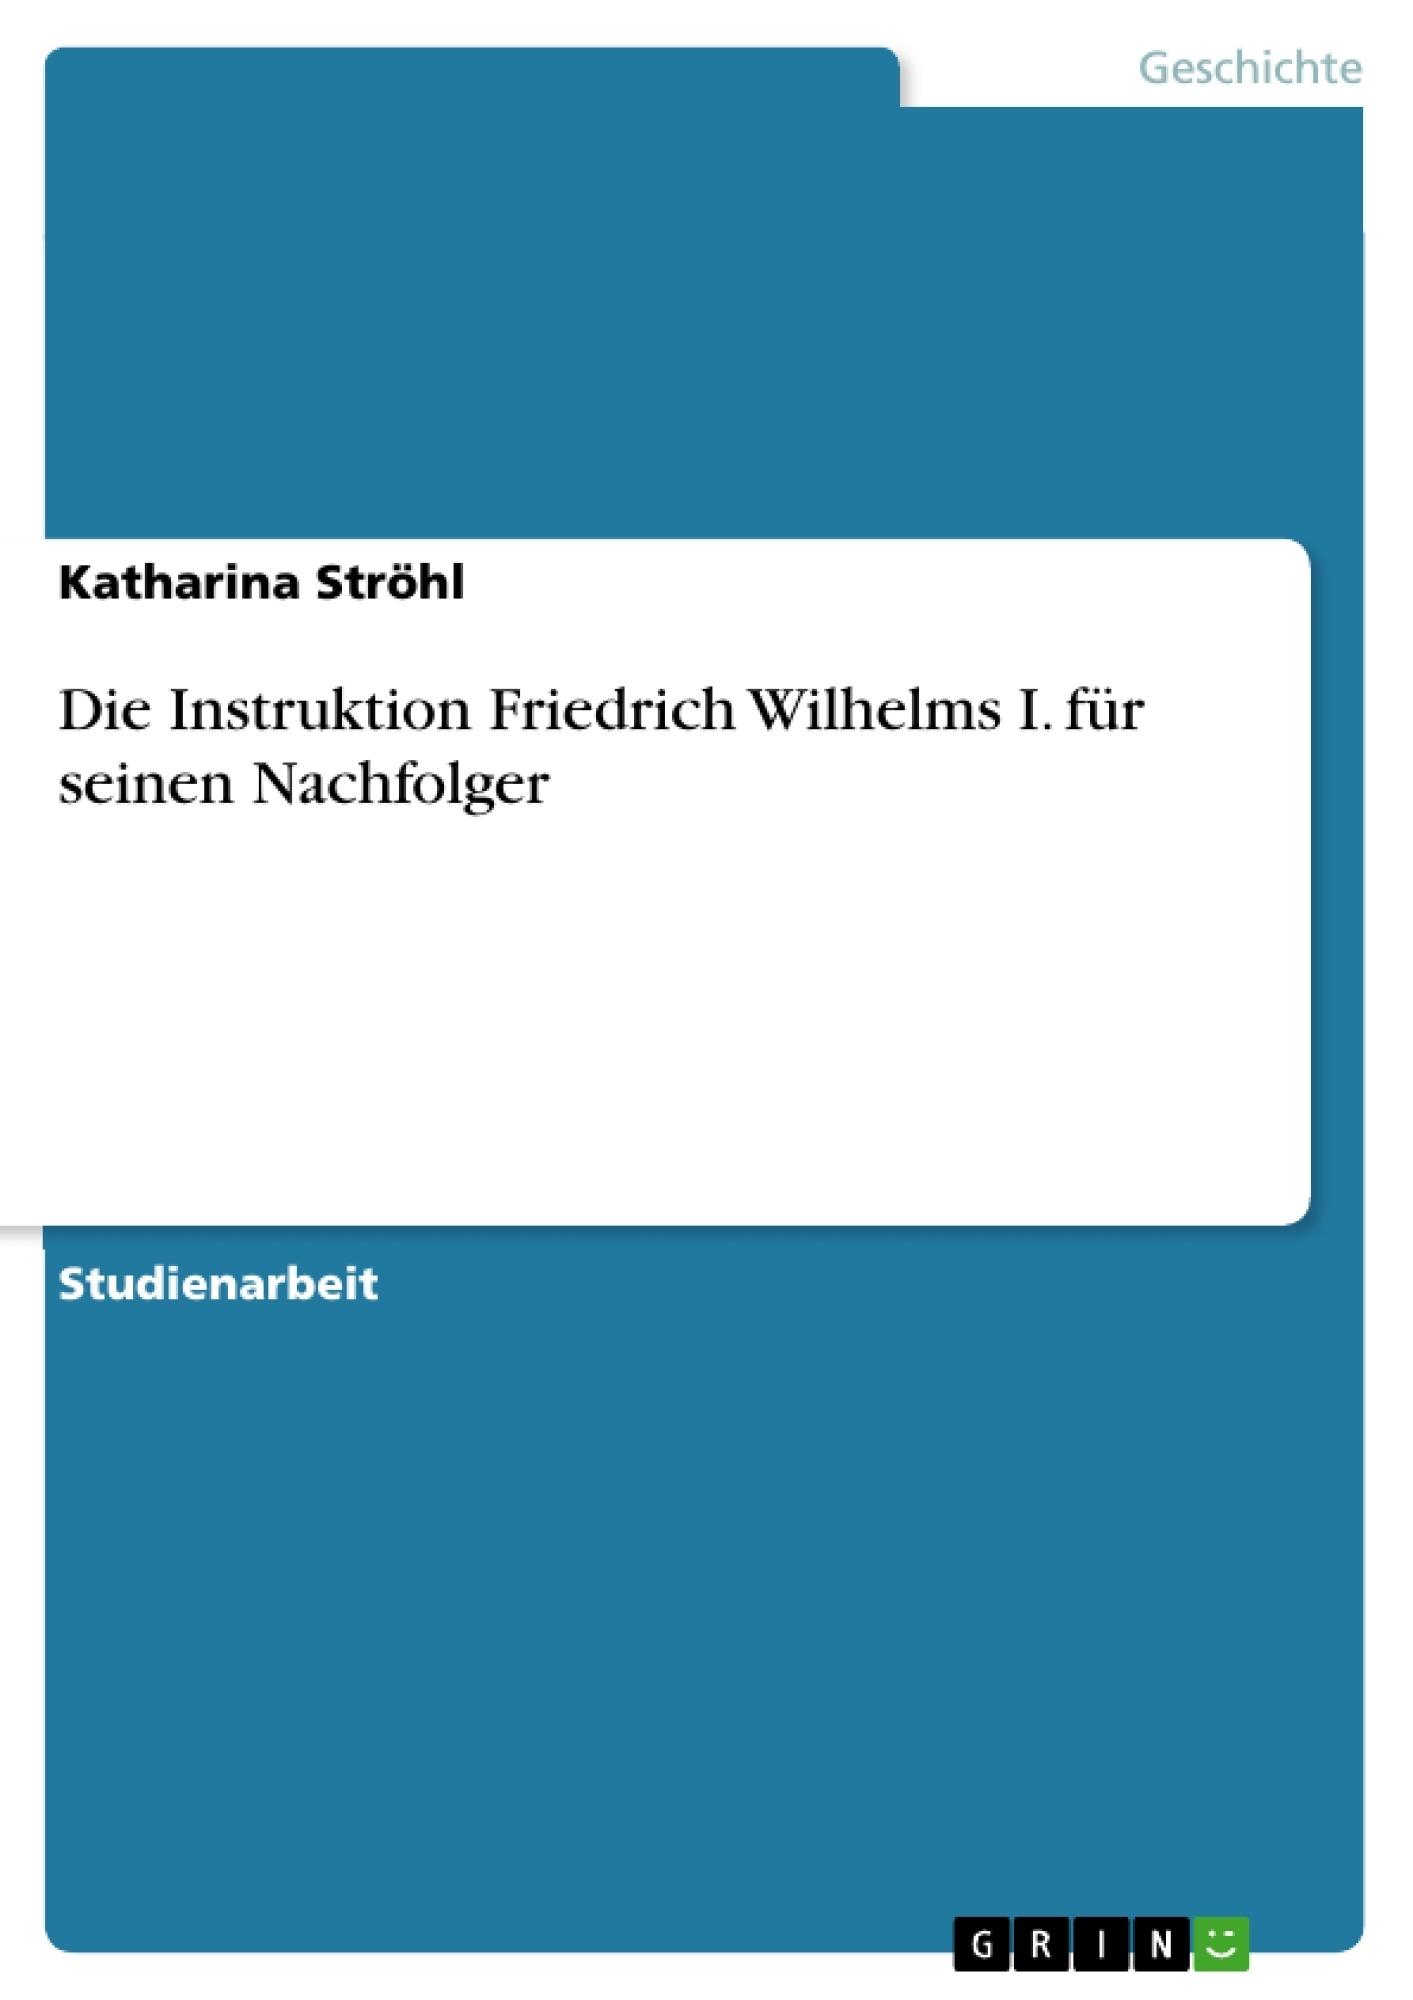 Titel: Die Instruktion Friedrich Wilhelms I. für seinen Nachfolger